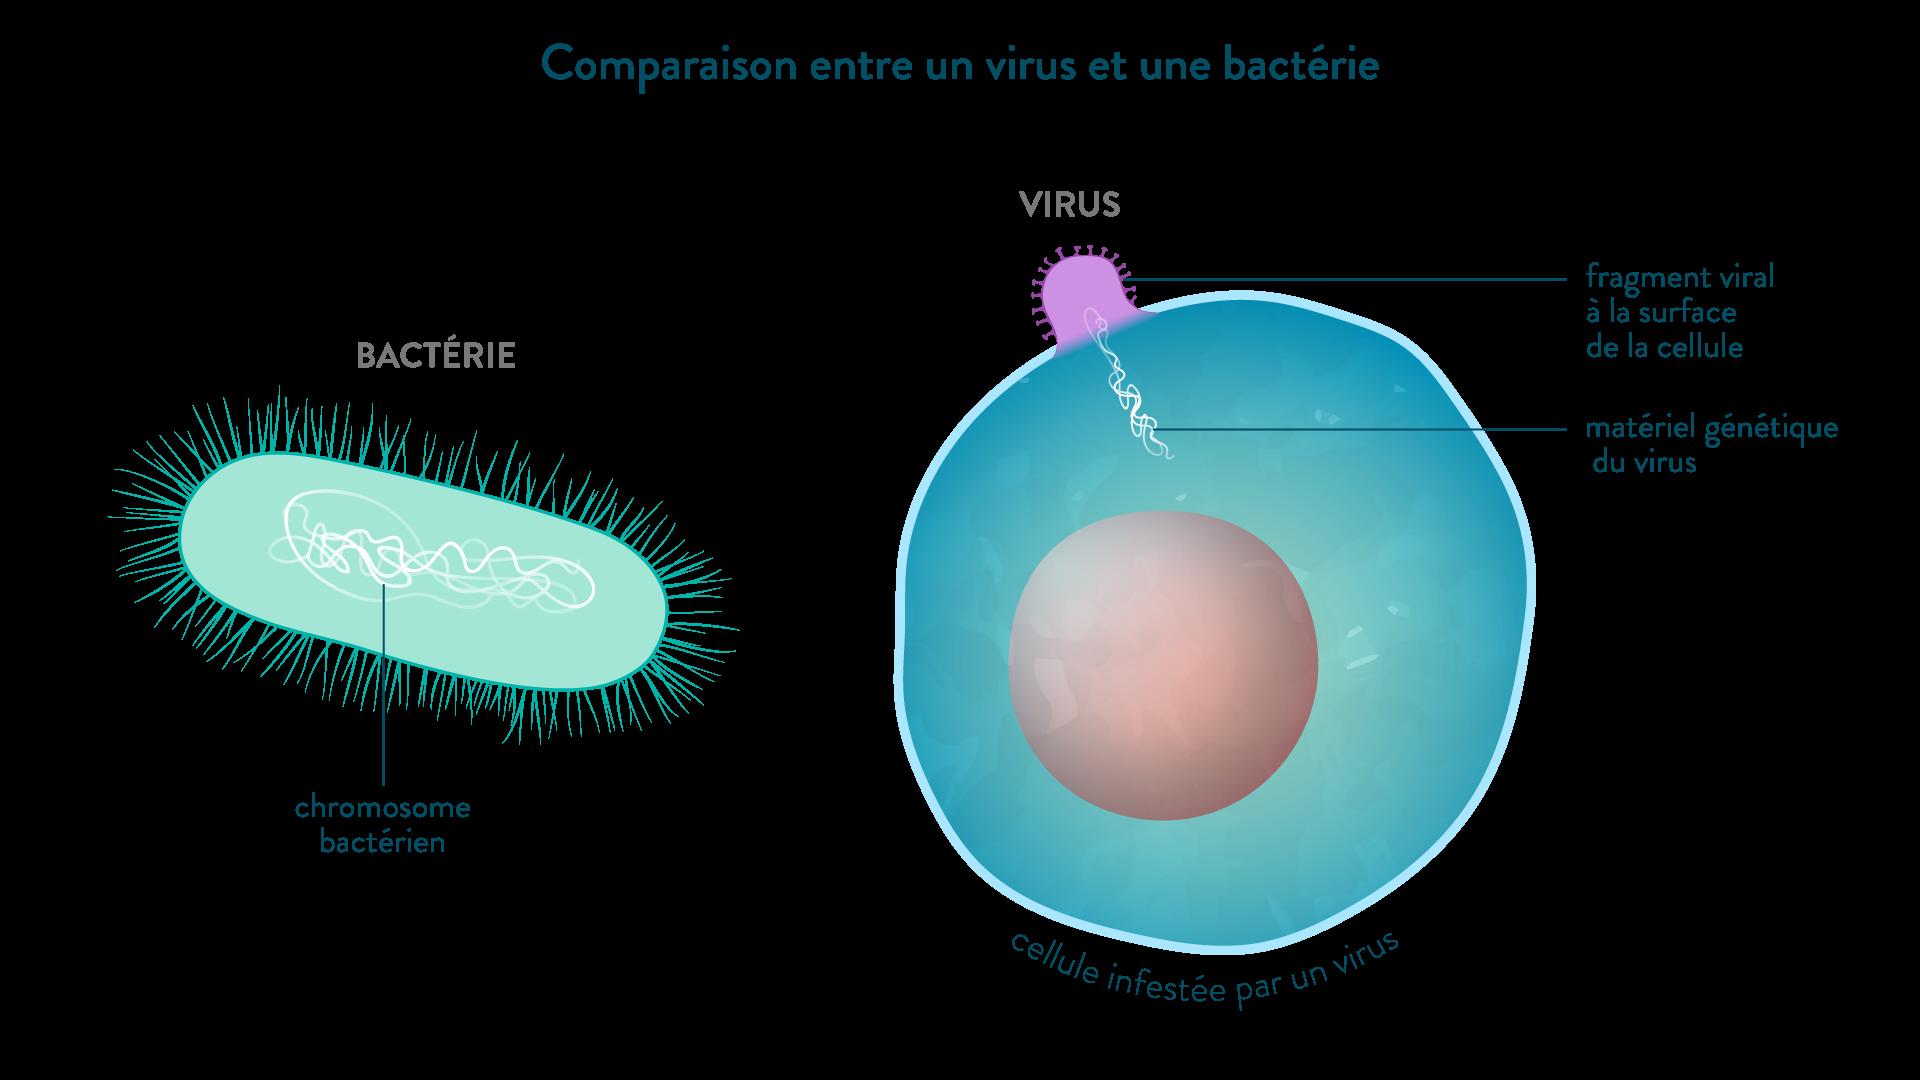 Comparaison entre virus et bactérie